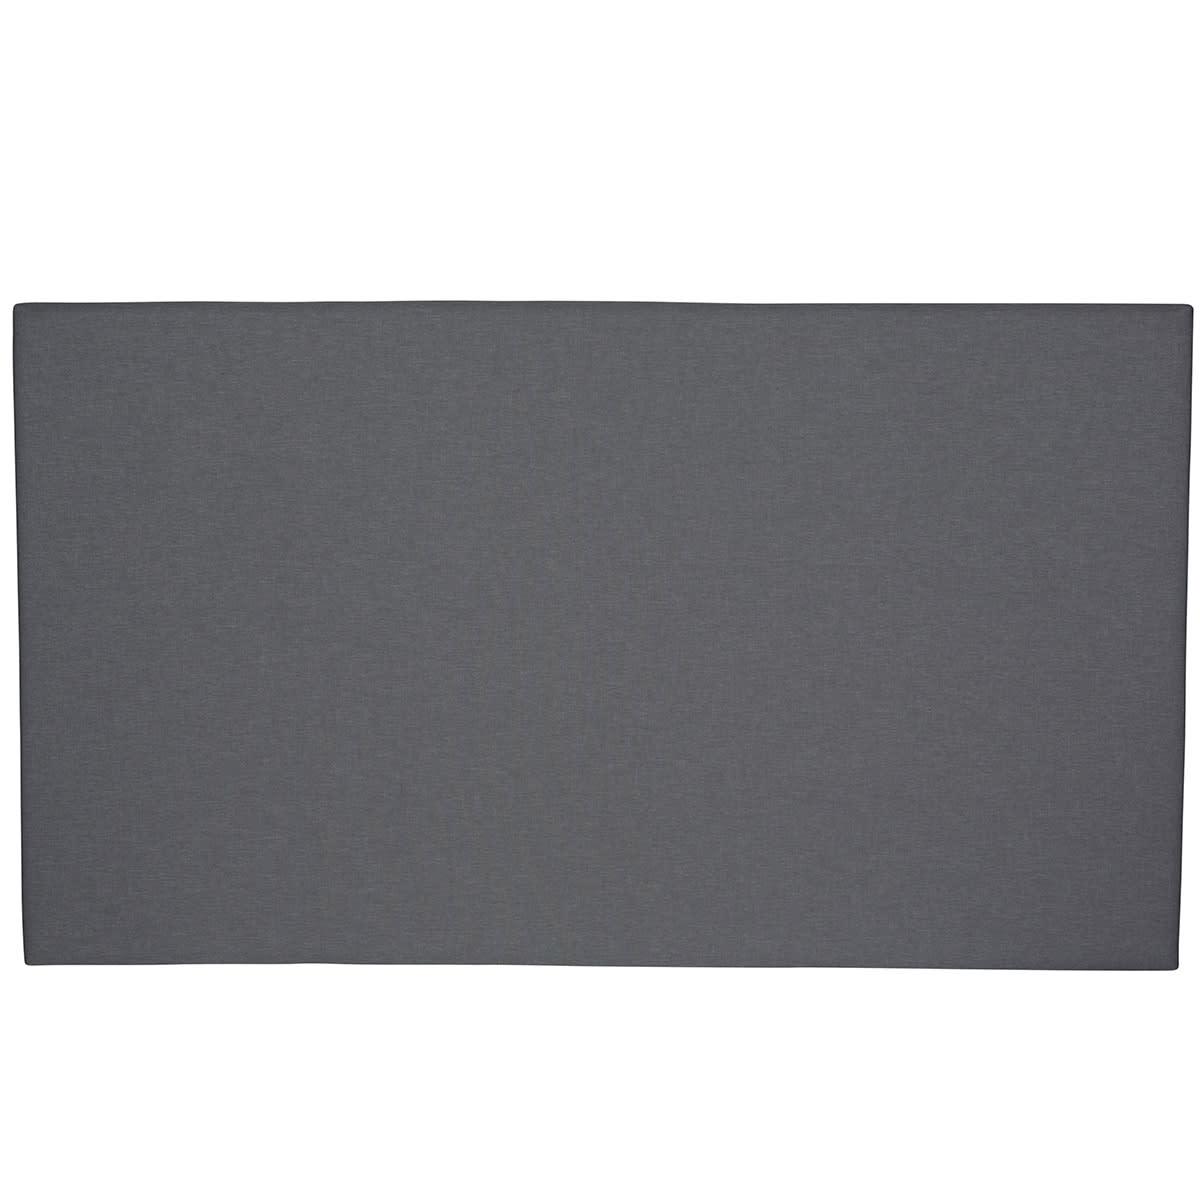 180 x 200 cm - Passer til De Lux Superior og De Lux Natural senge